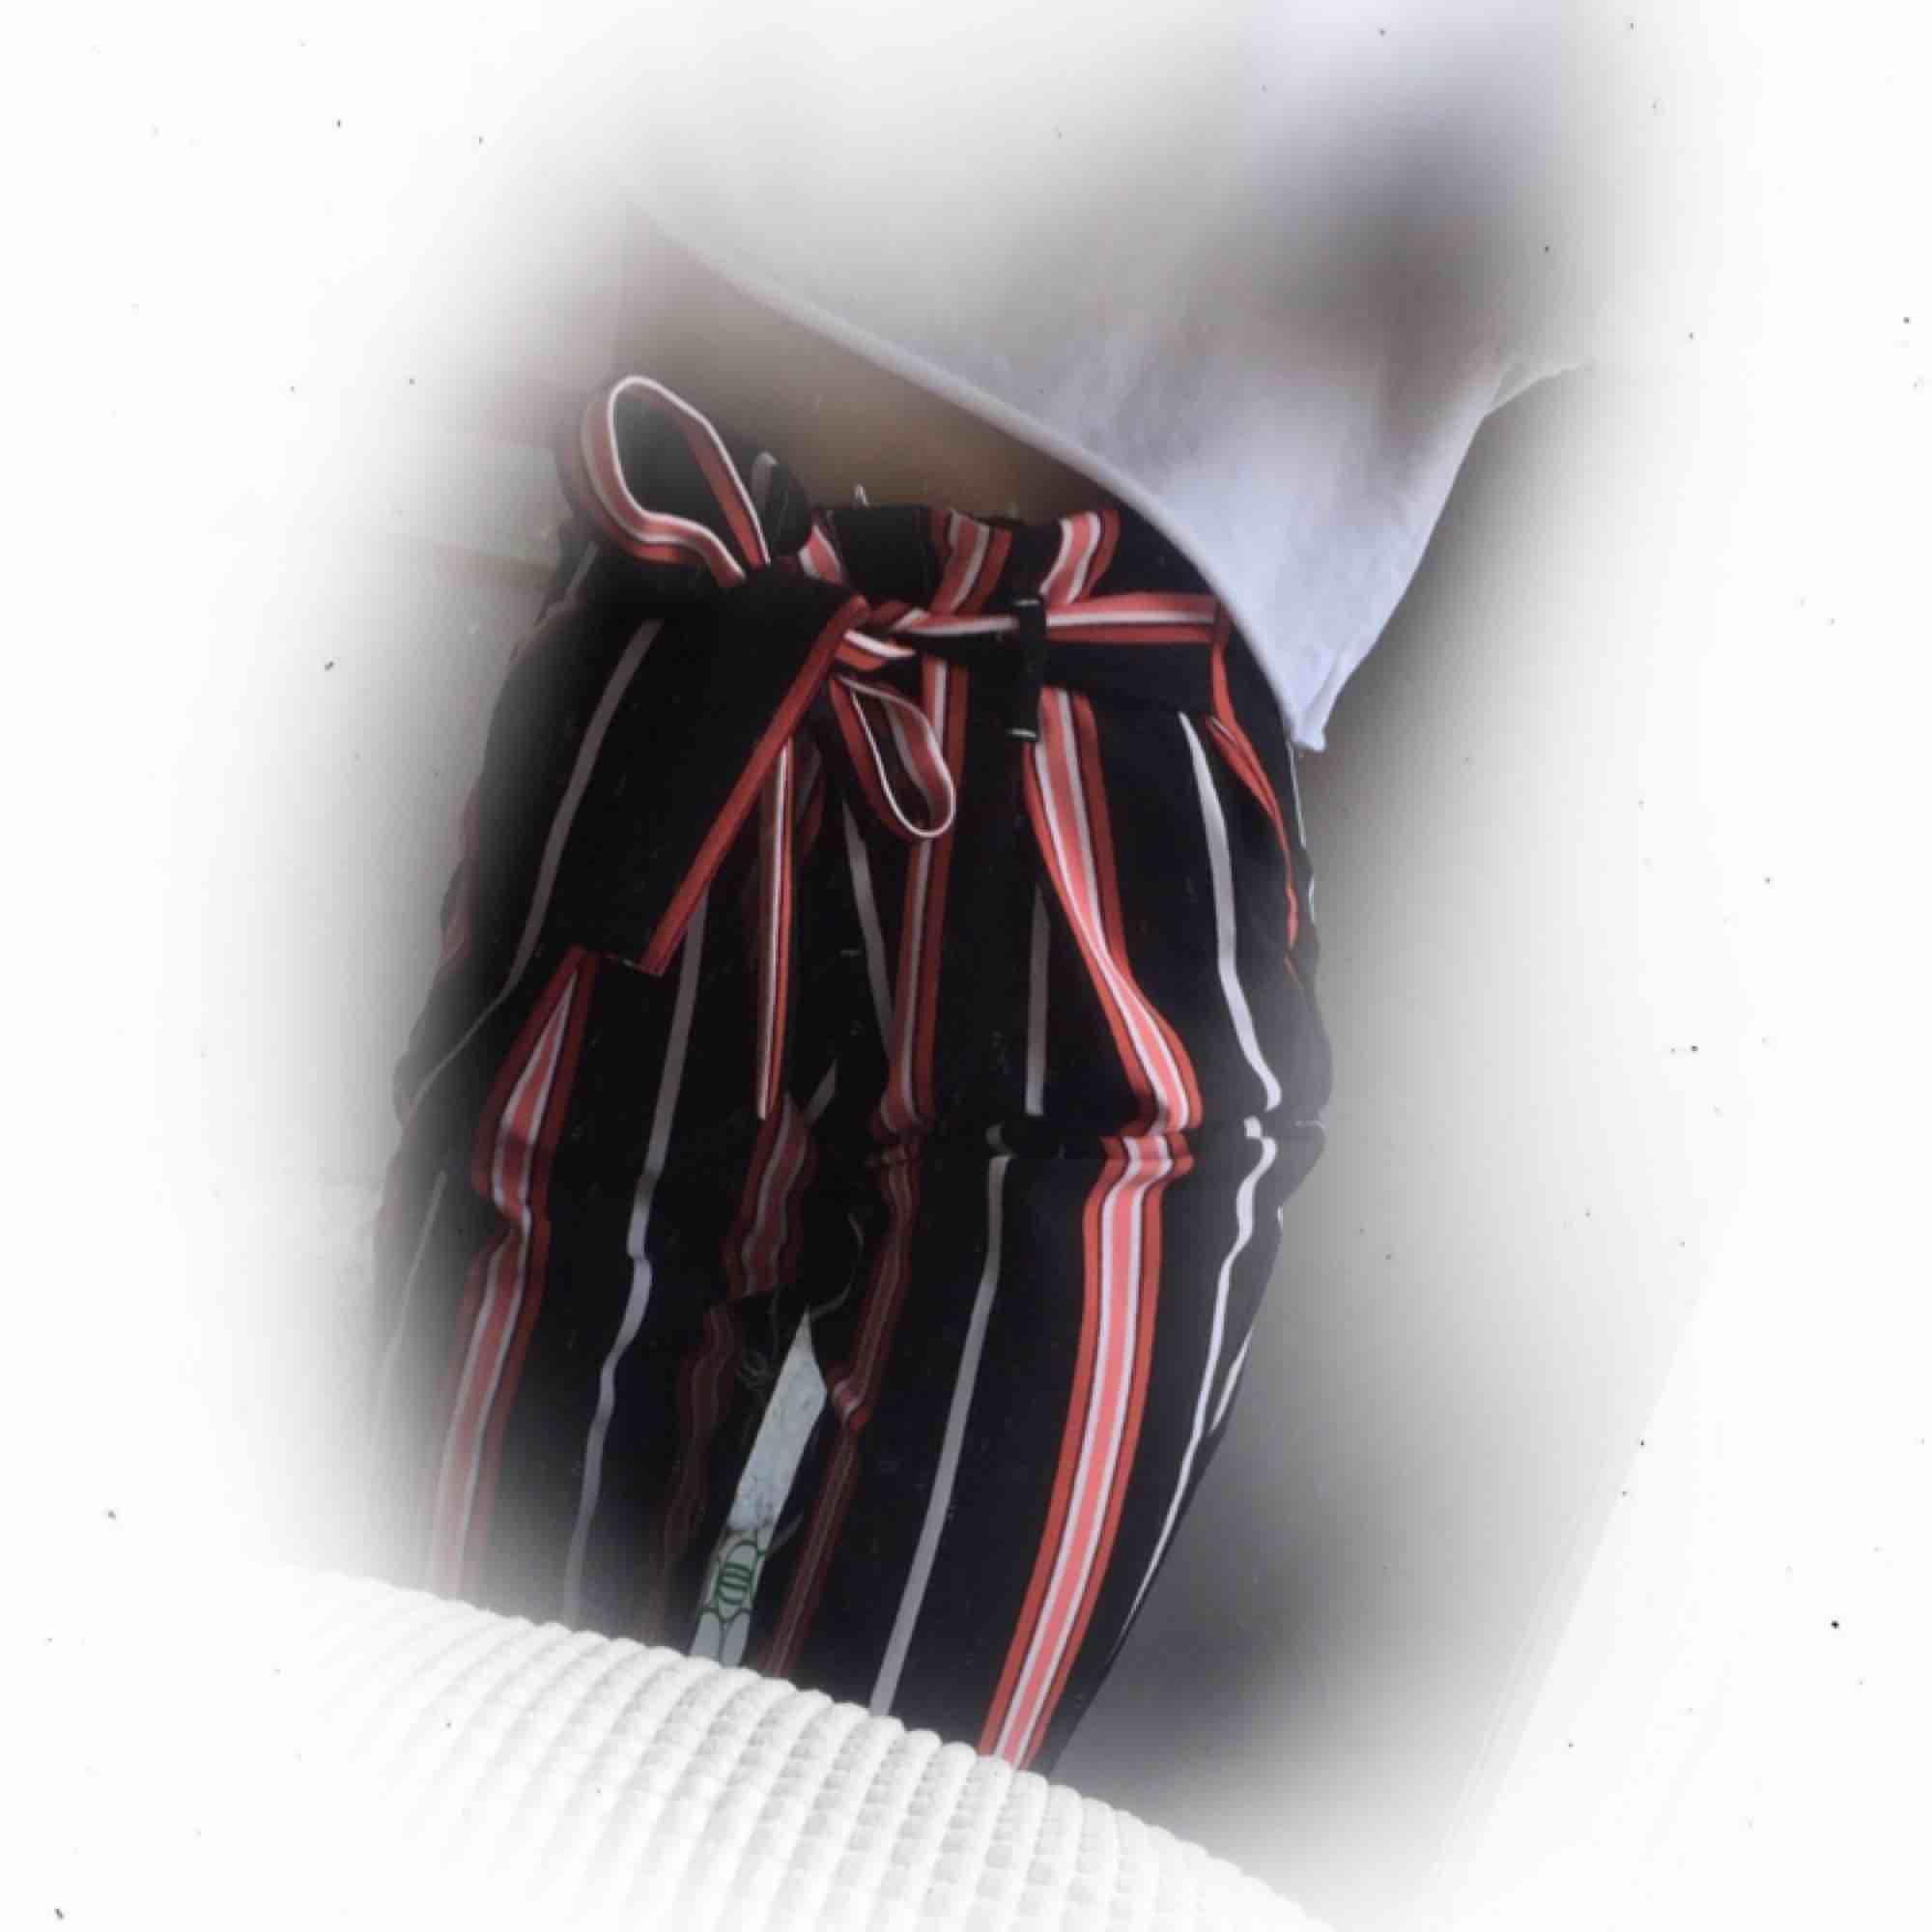 Byxor från River Island 199:- inkl. frakt Resort och knytbar midja. Jeans & Byxor.